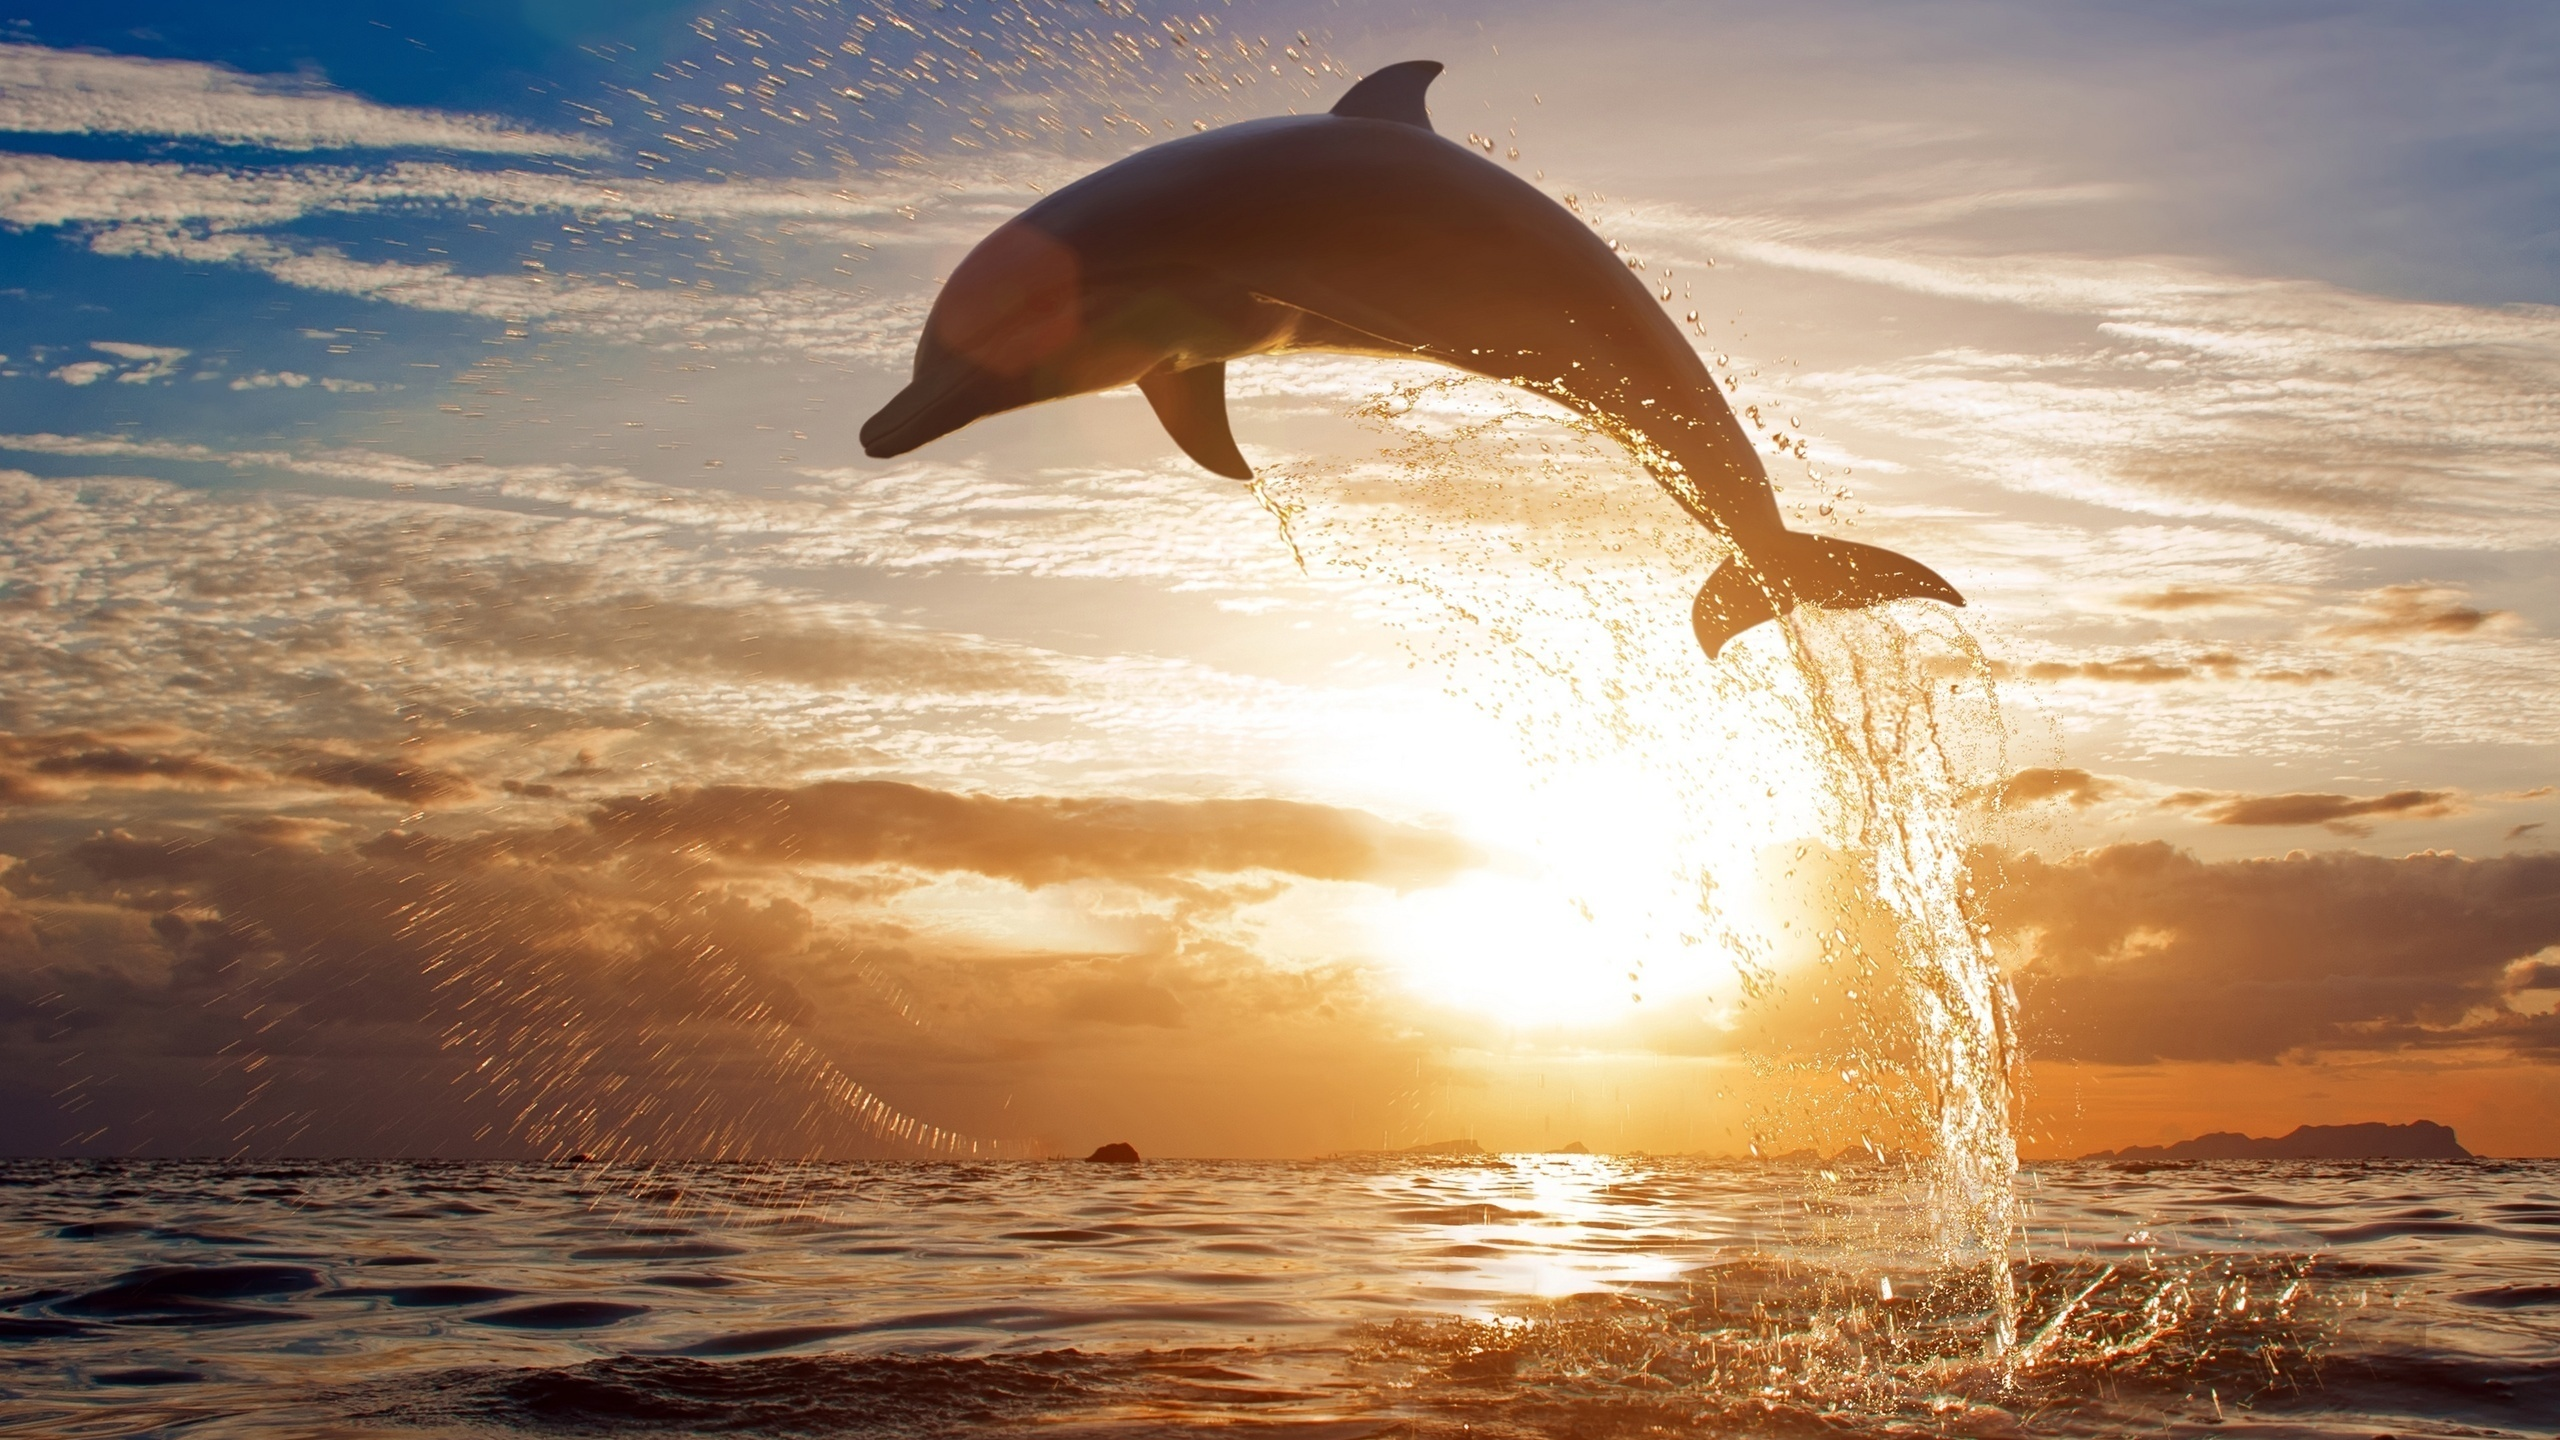 картинки дельфины море солнце здесь то